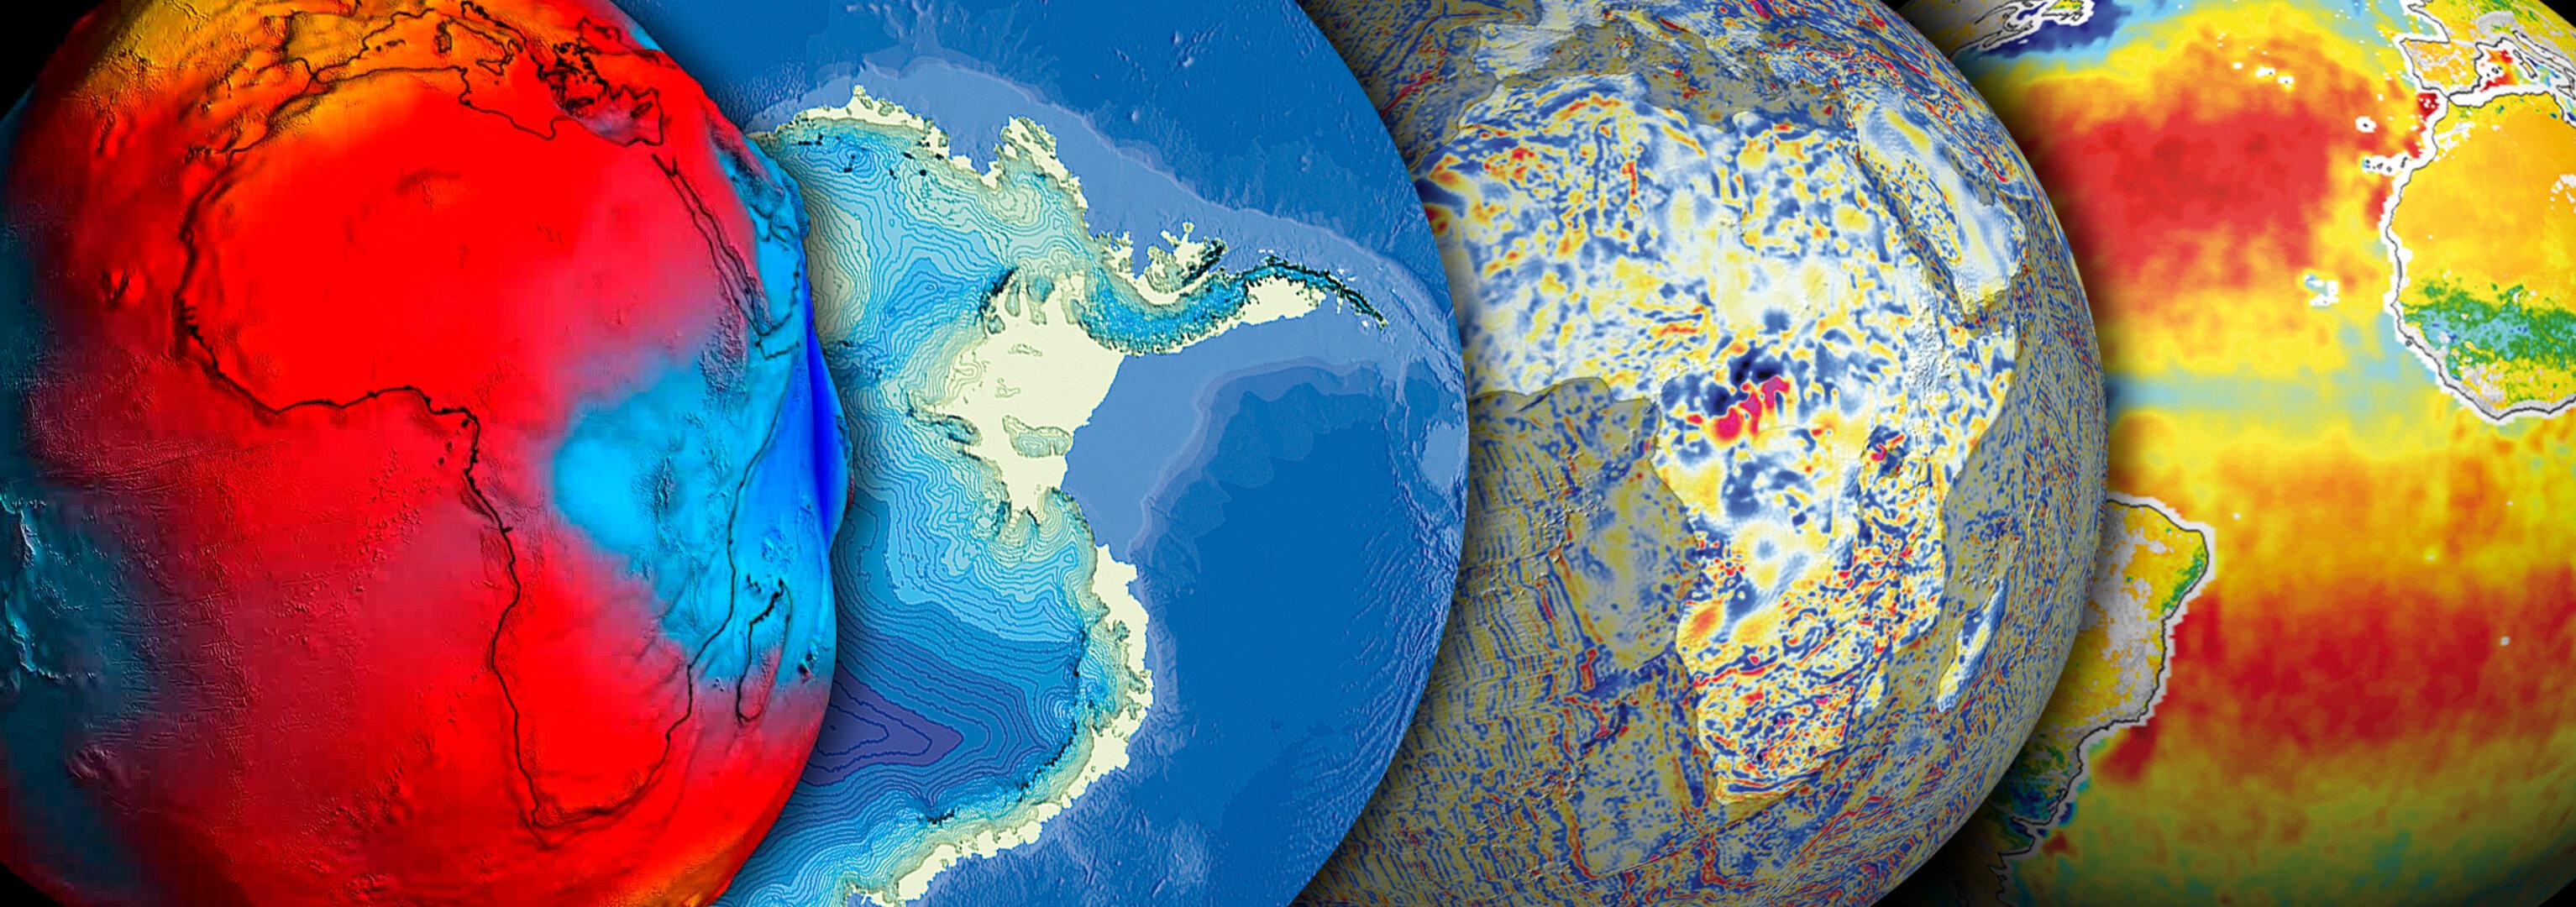 Dags att lämna förslag till nästa forskningssatellit inom Esas jordobservationsprogram – Explorer 11